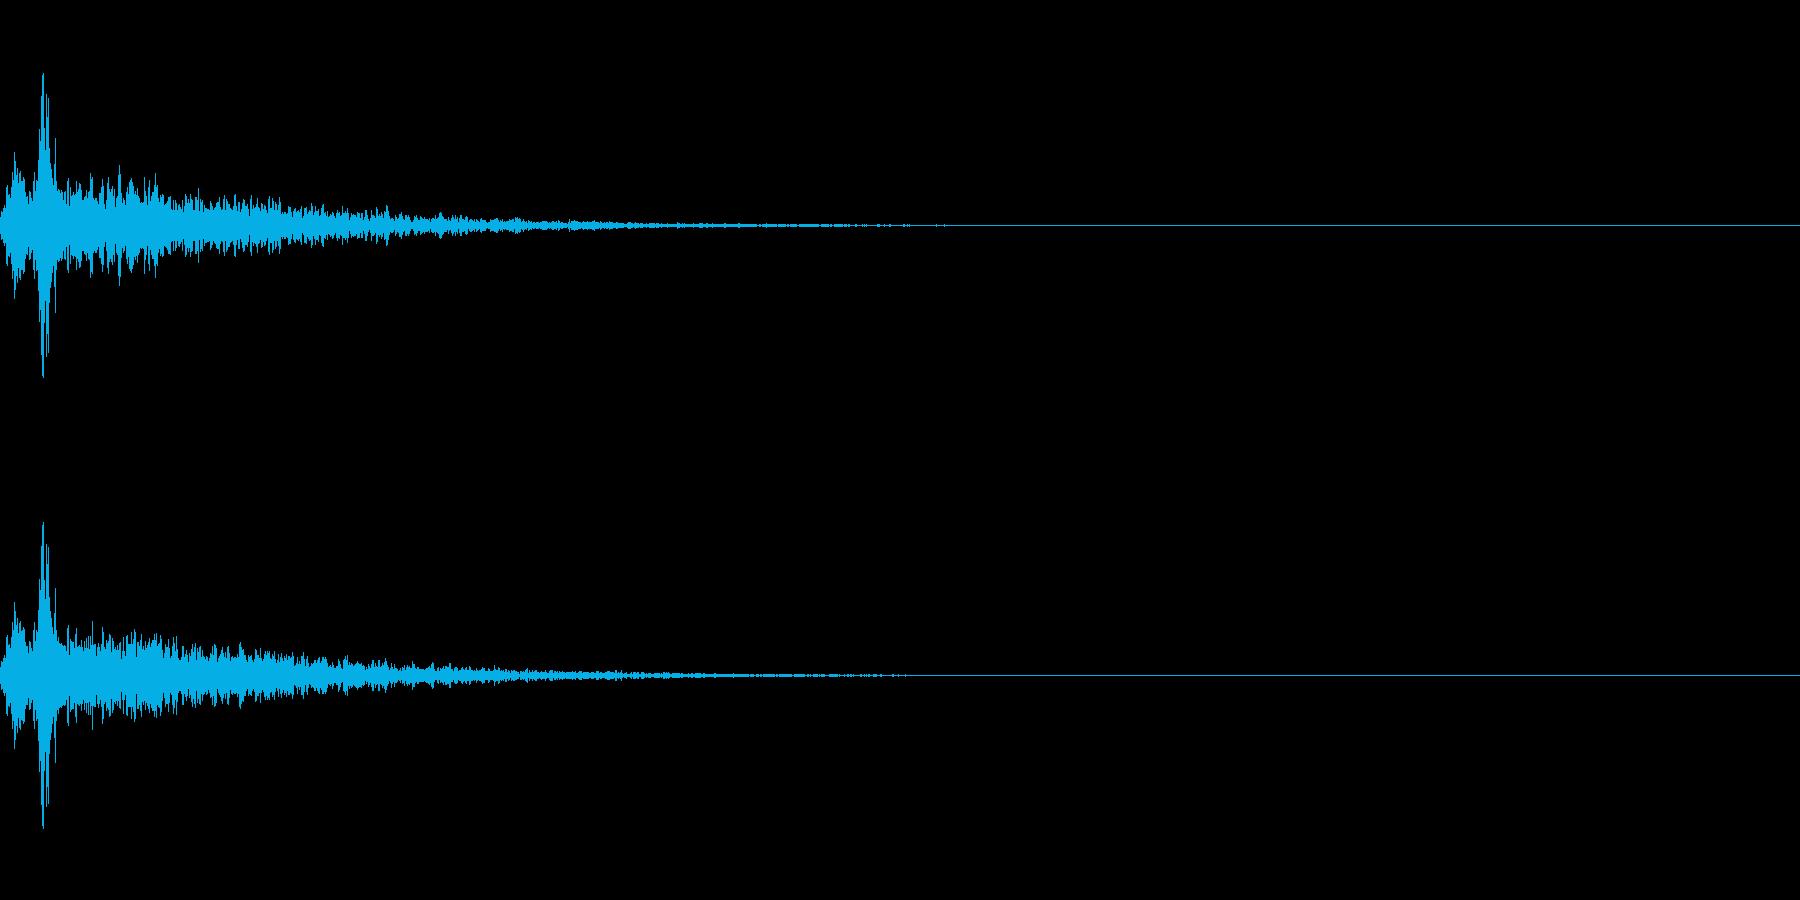 リバーブがかかった神楽鈴(小)を振る音の再生済みの波形